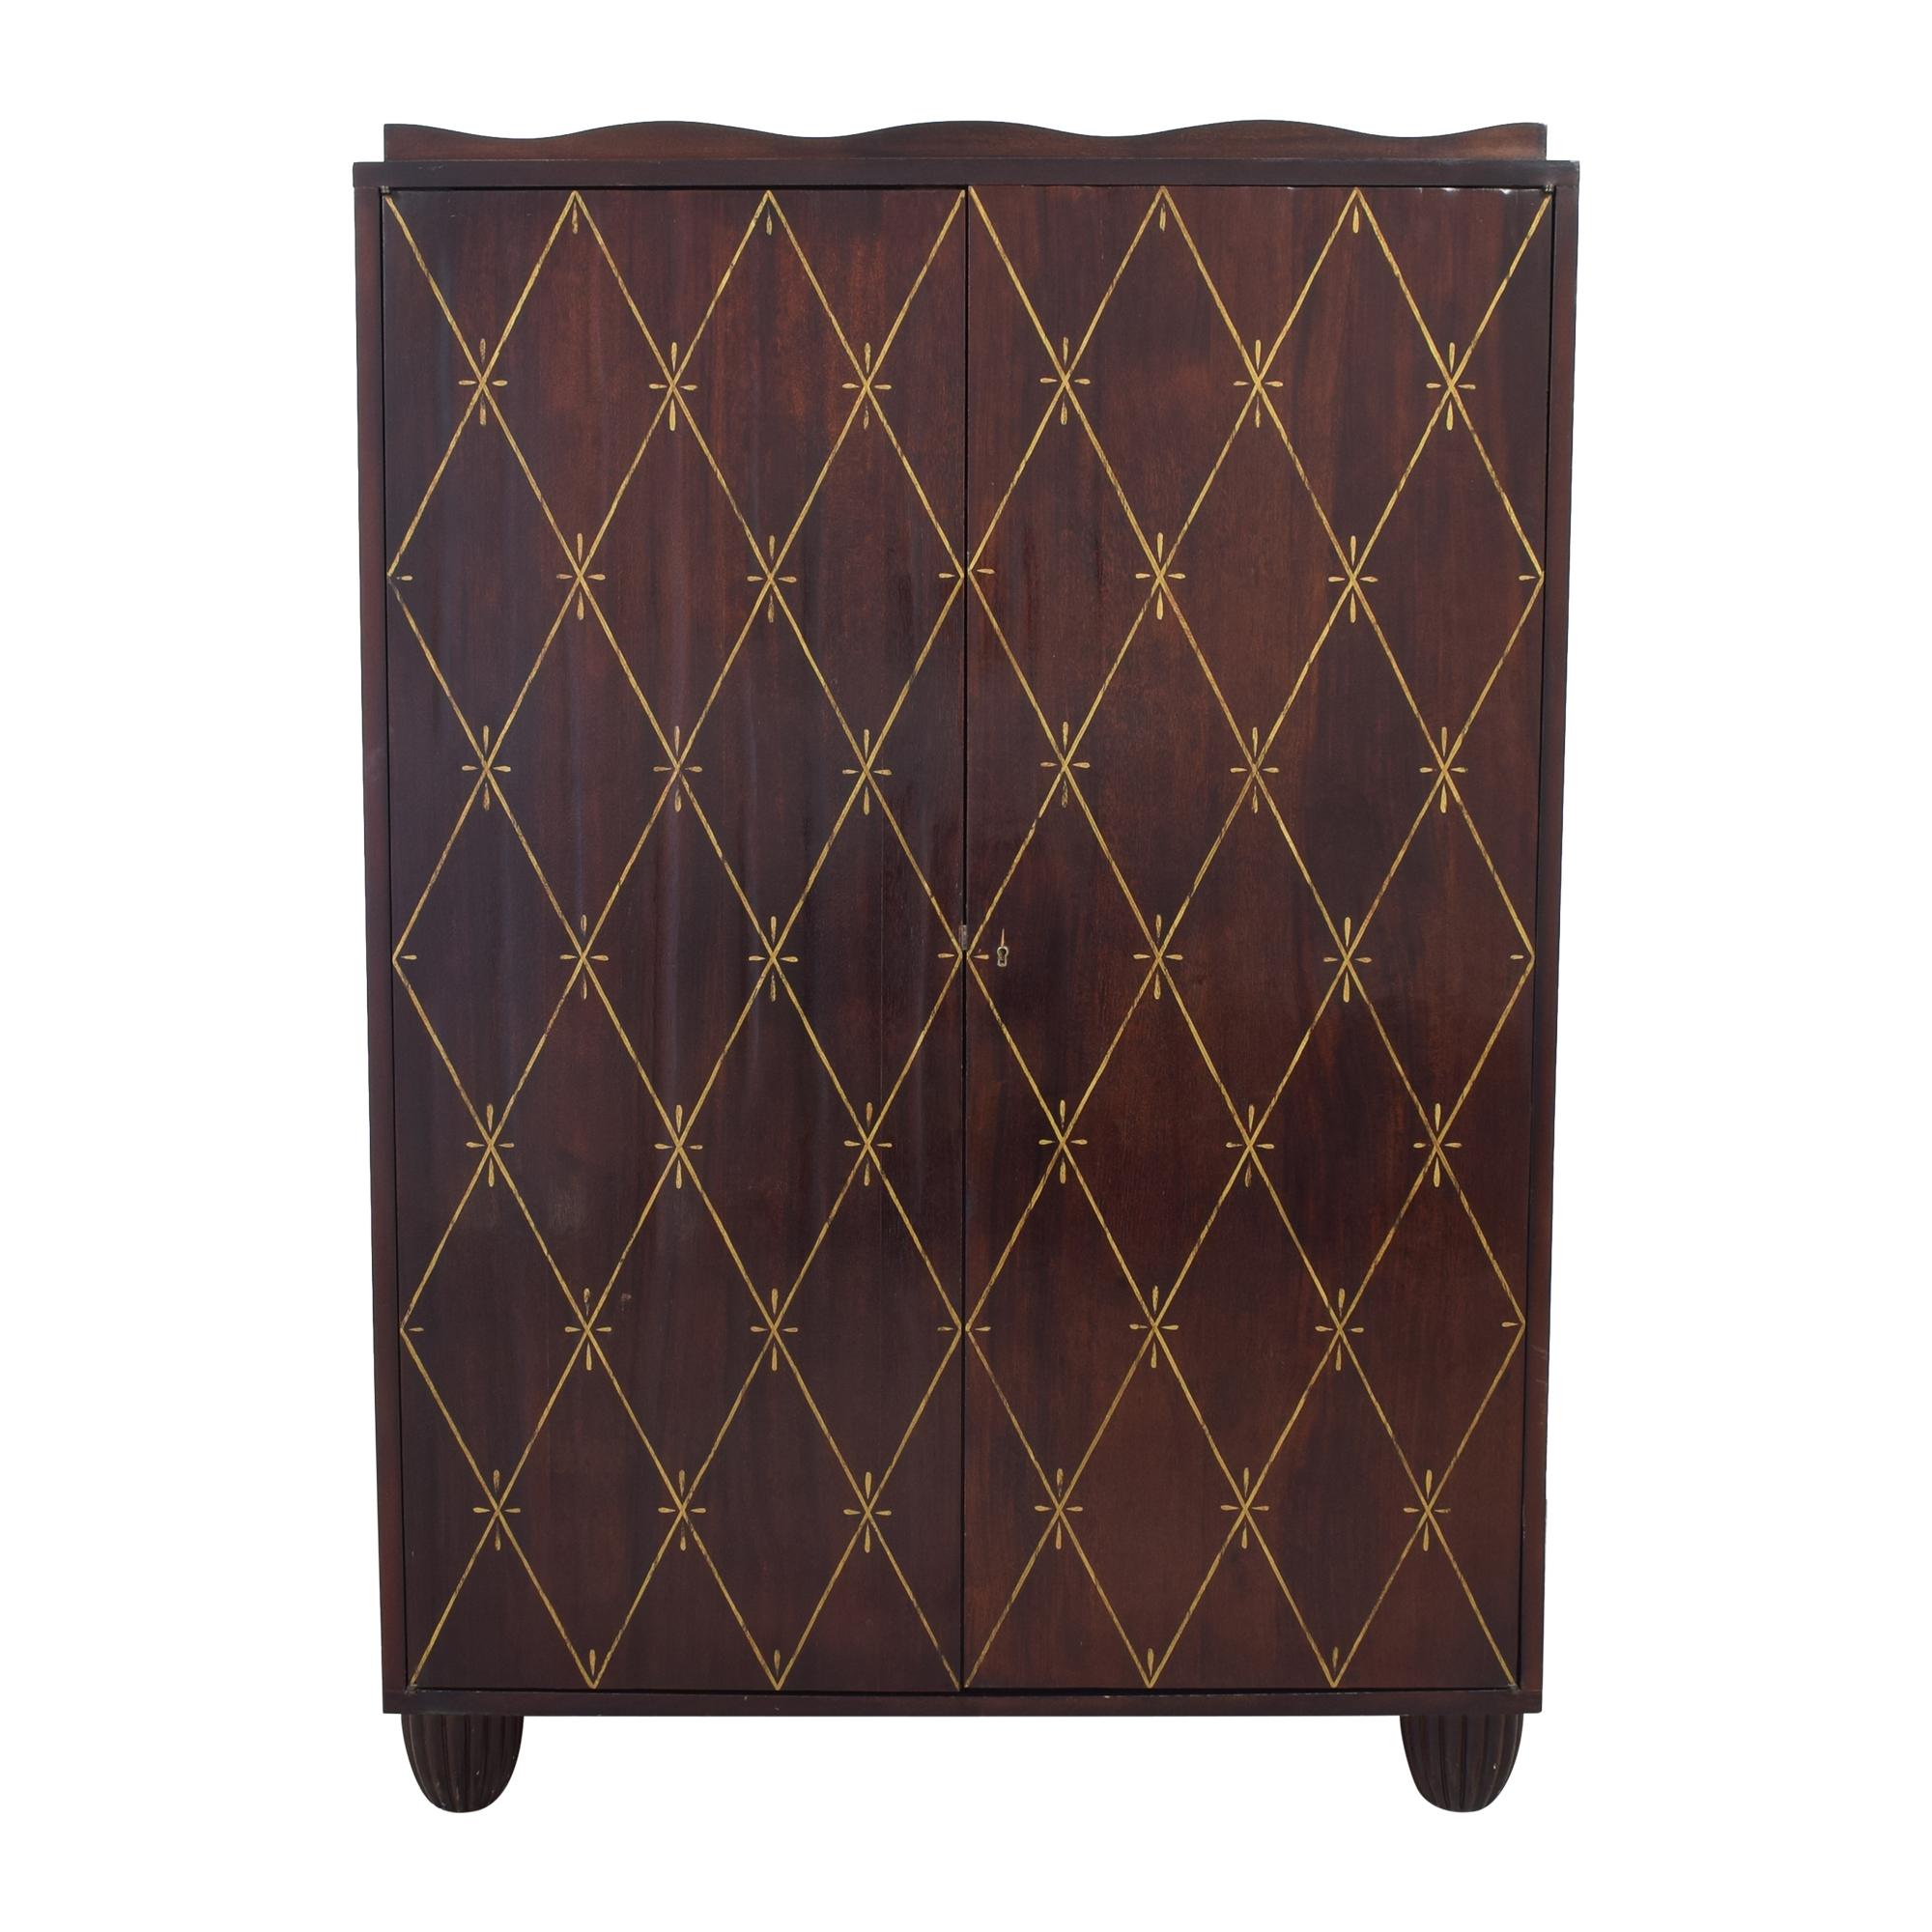 shop Baker Furniture Barbara Barry for Baker Media Cabinet online